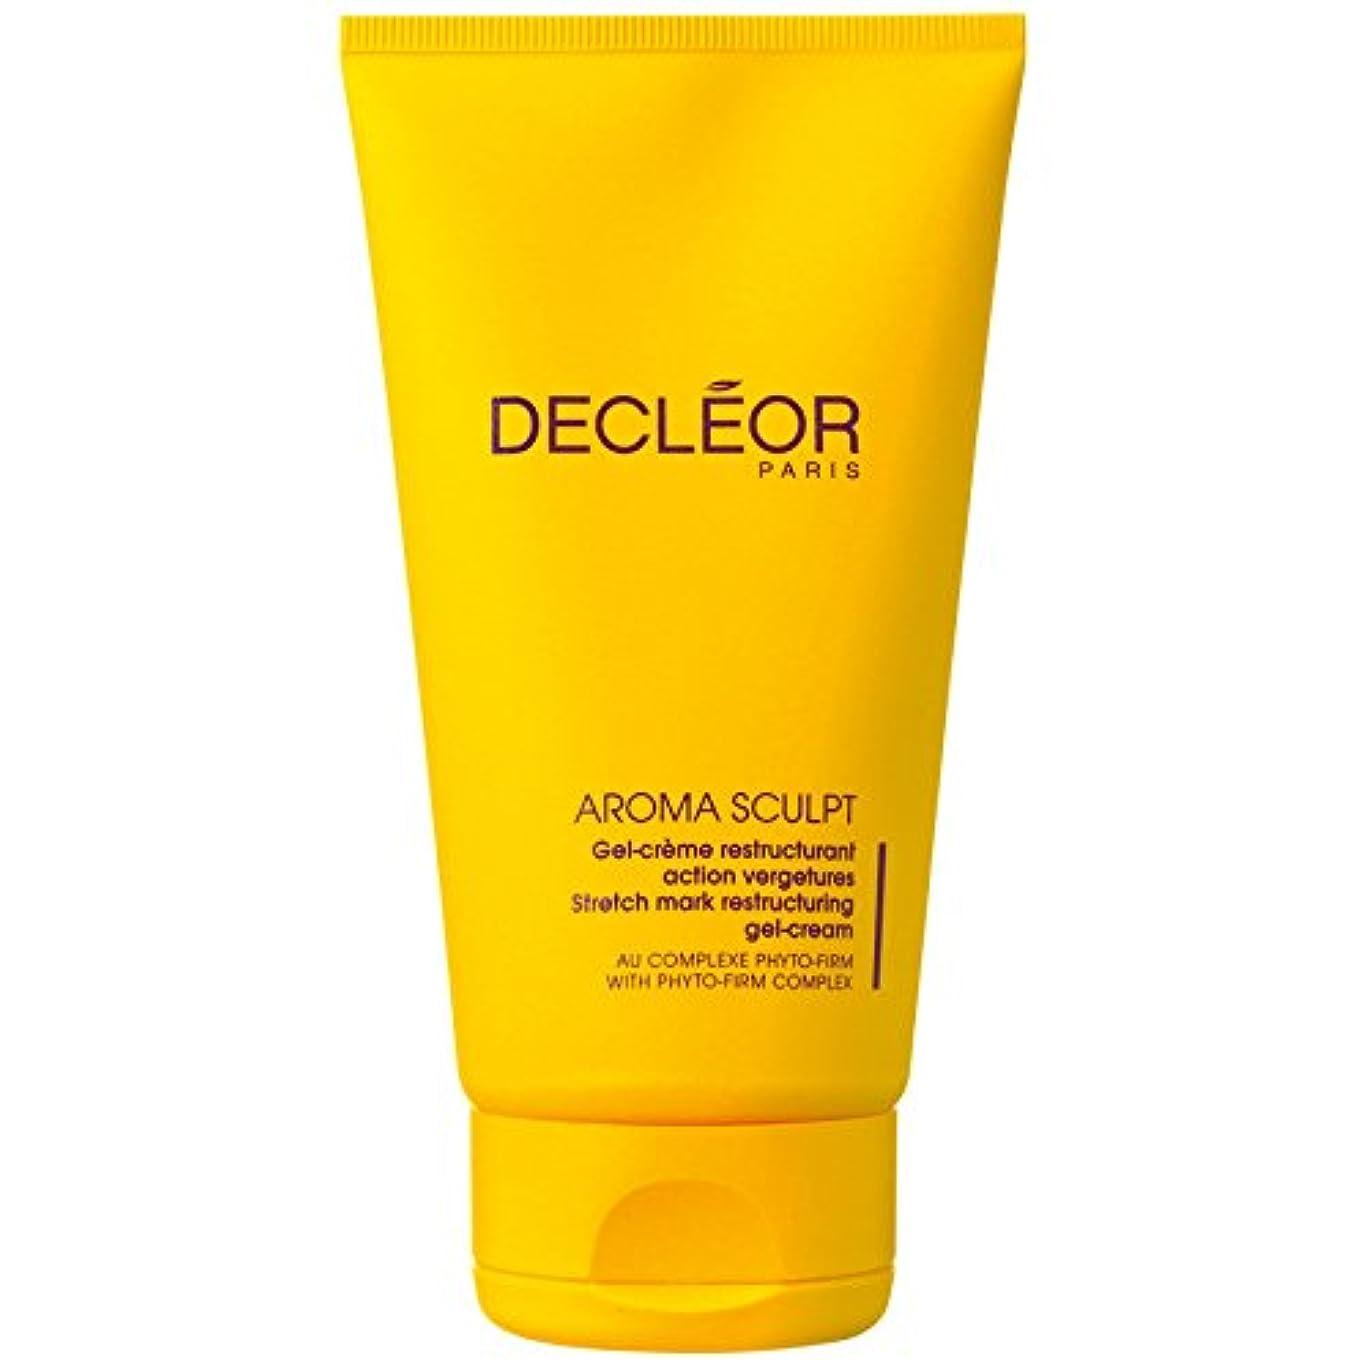 時折調子等々[Decl?or] デクレオールアロマスカルプトストレッチマークリストラゲルクリーム150ミリリットル - Decl?or Aroma Sculpt Stretch Mark Restructuring Gel Cream 150ml [並行輸入品]